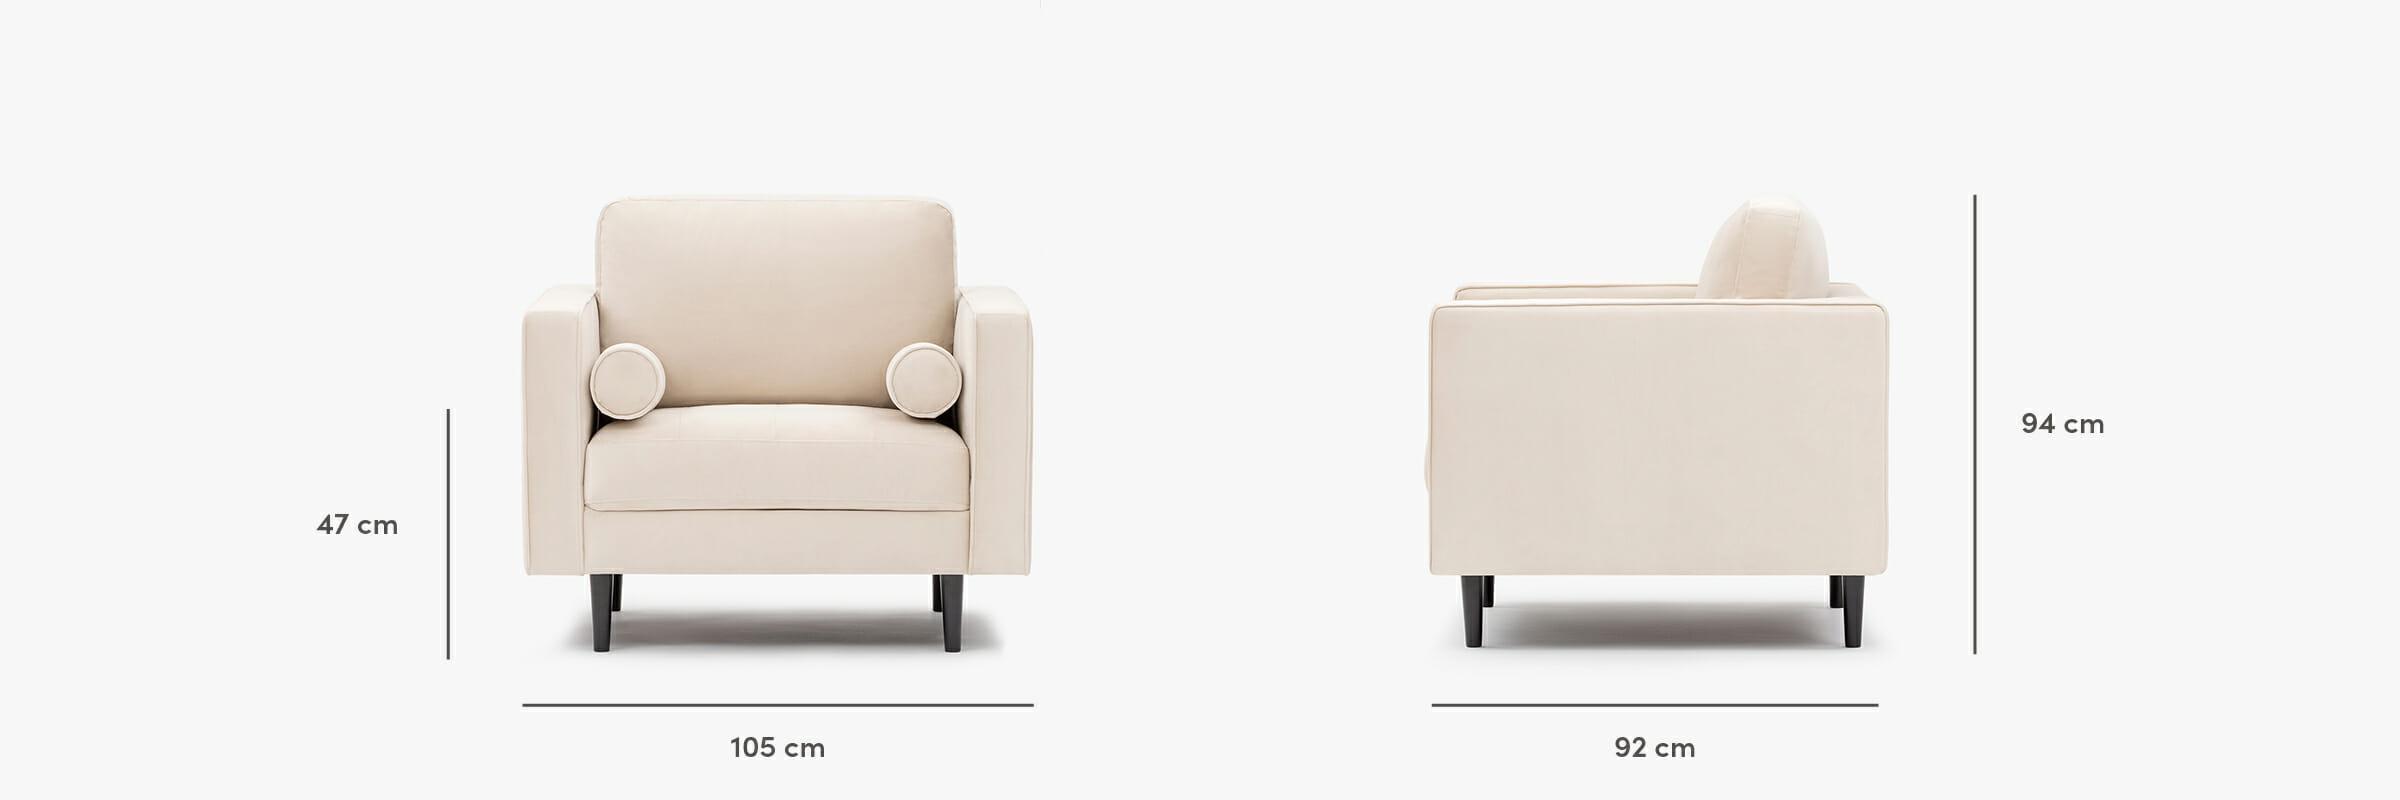 The Soho Velvet Armchair